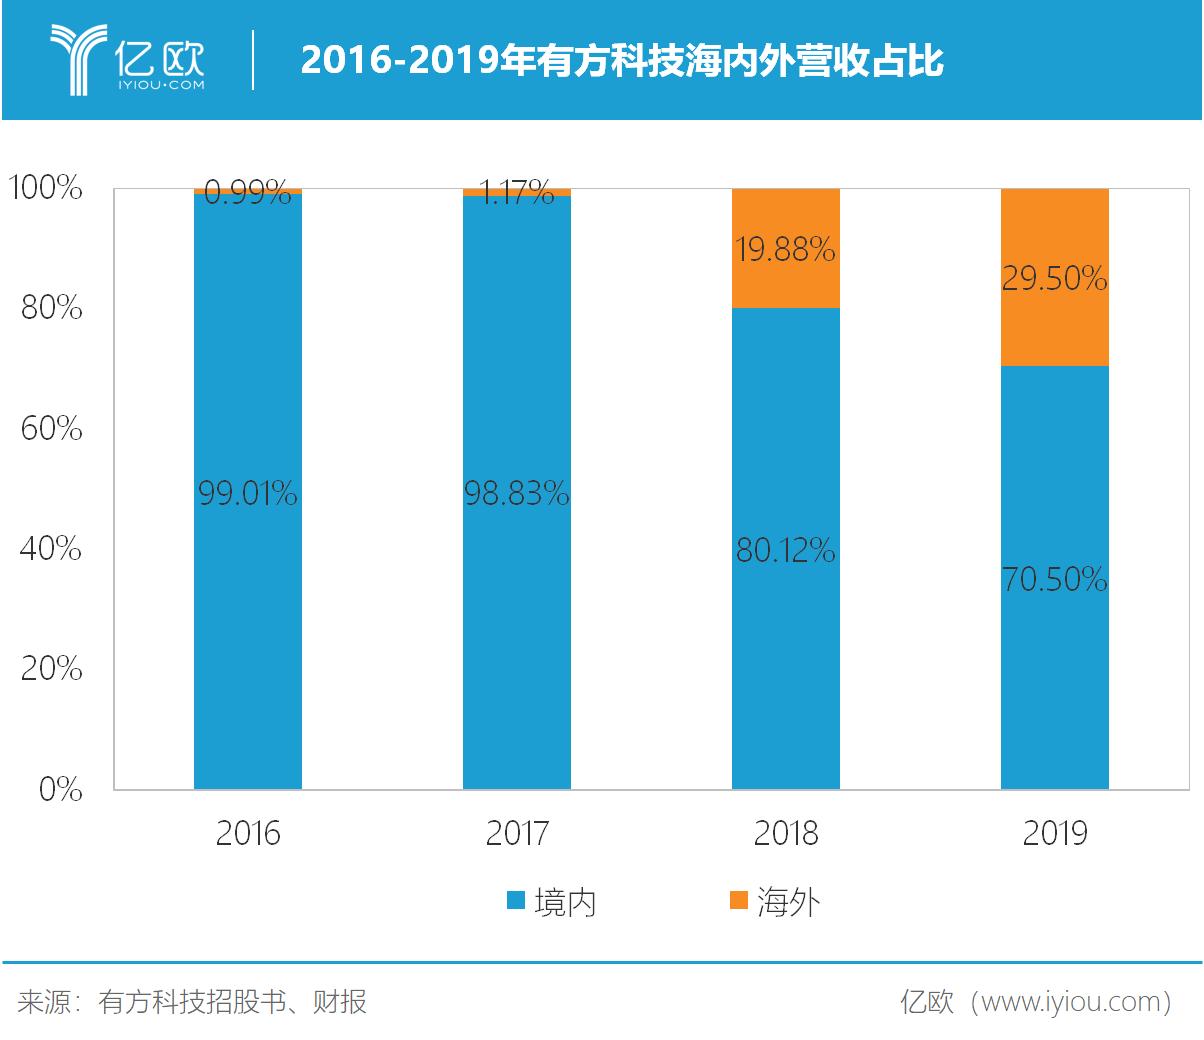 2016-2019年有方科技海内外营收占比